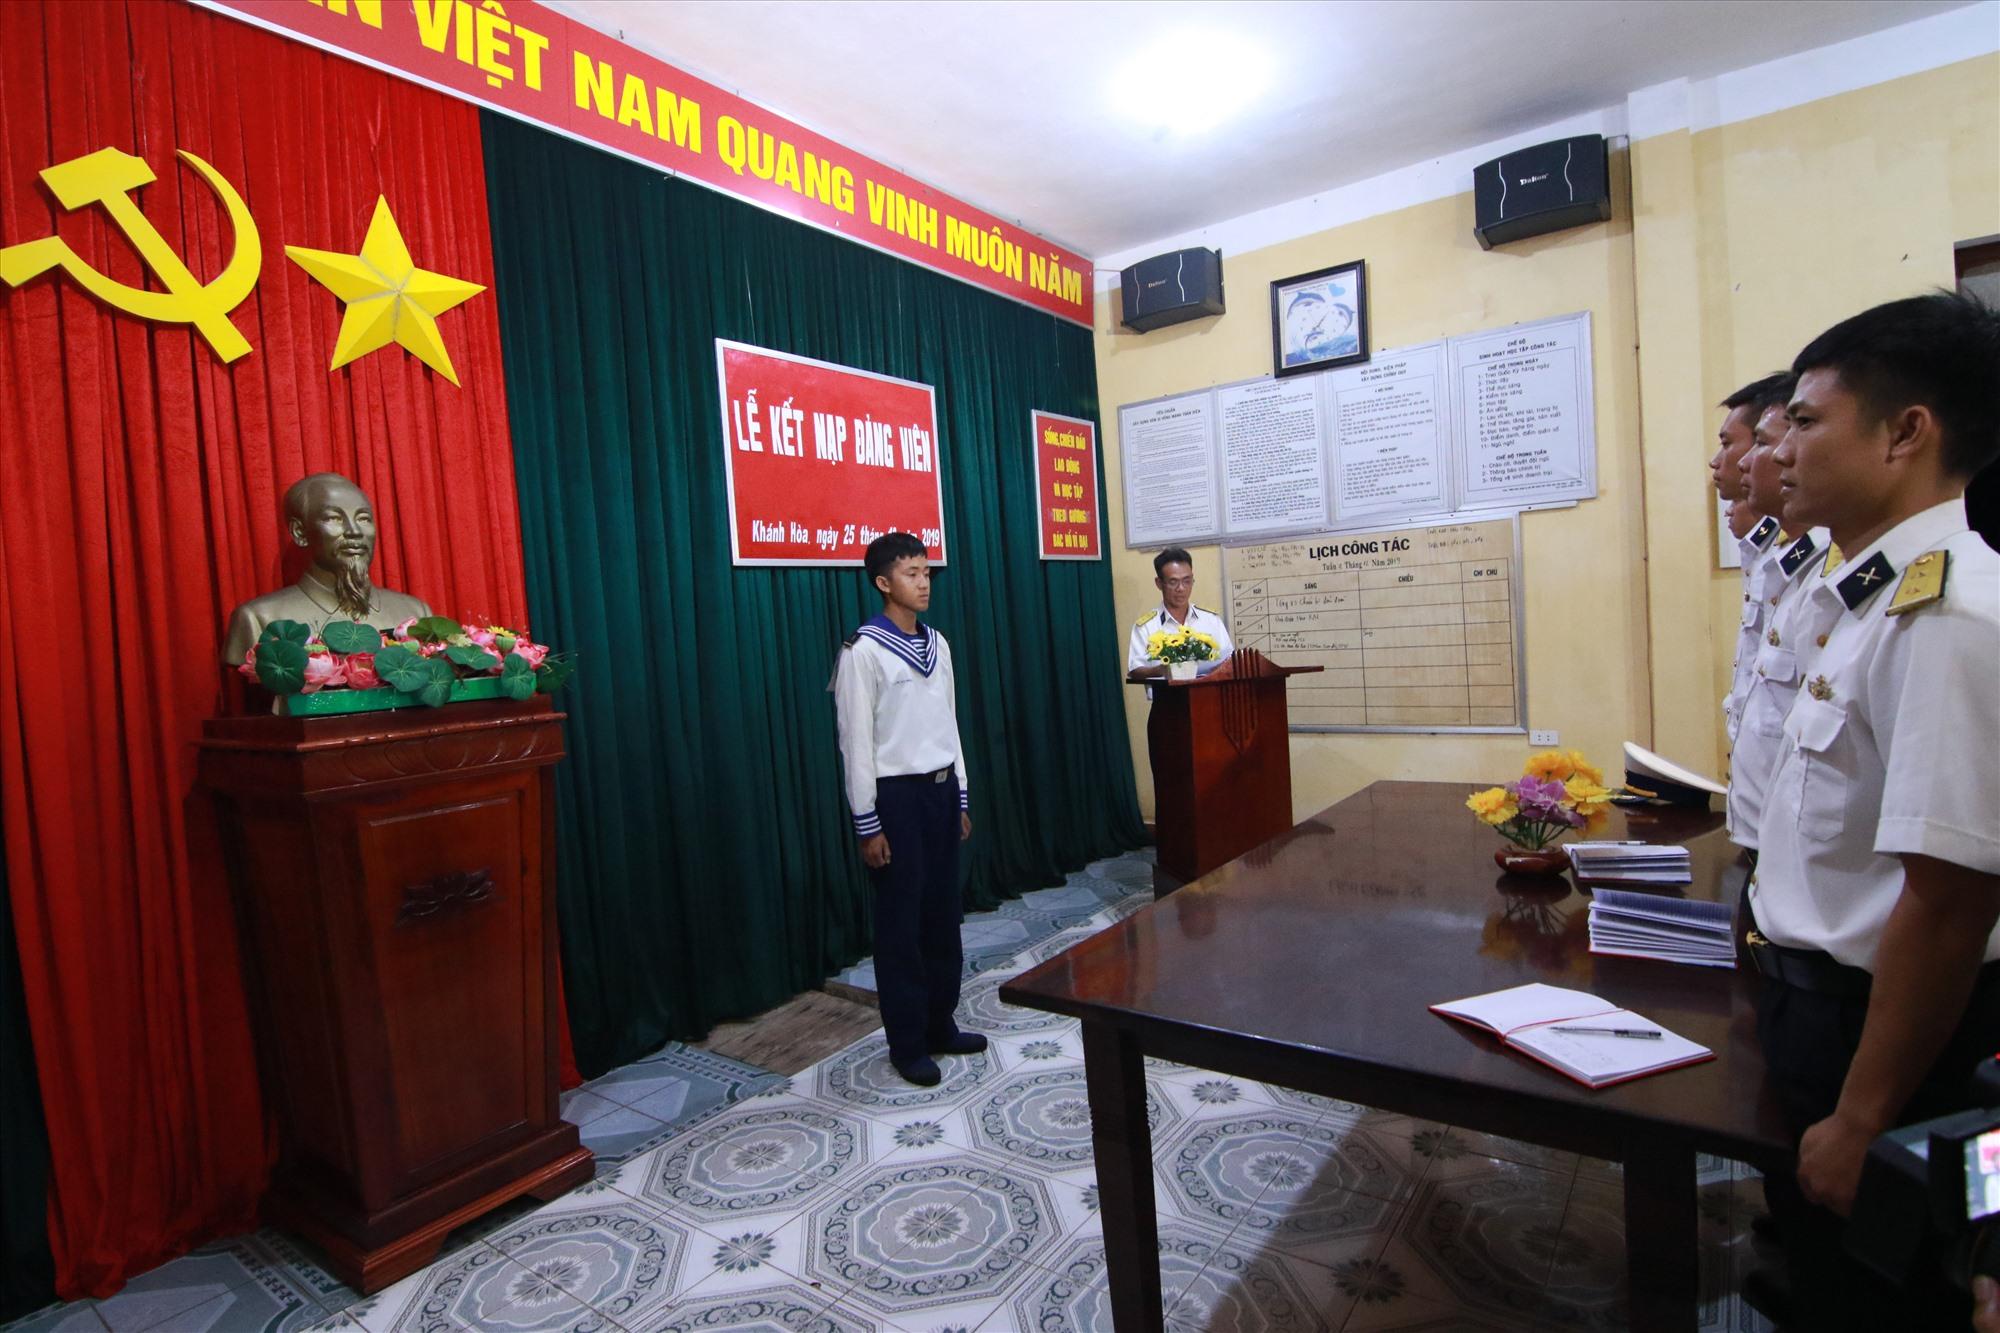 Chiến sĩ trẻ Nguyễn Văn Phương đứng nghiêm trong phút công bố kết nạp Đảng tại đảo Sinh Tồn. Ảnh: T.C